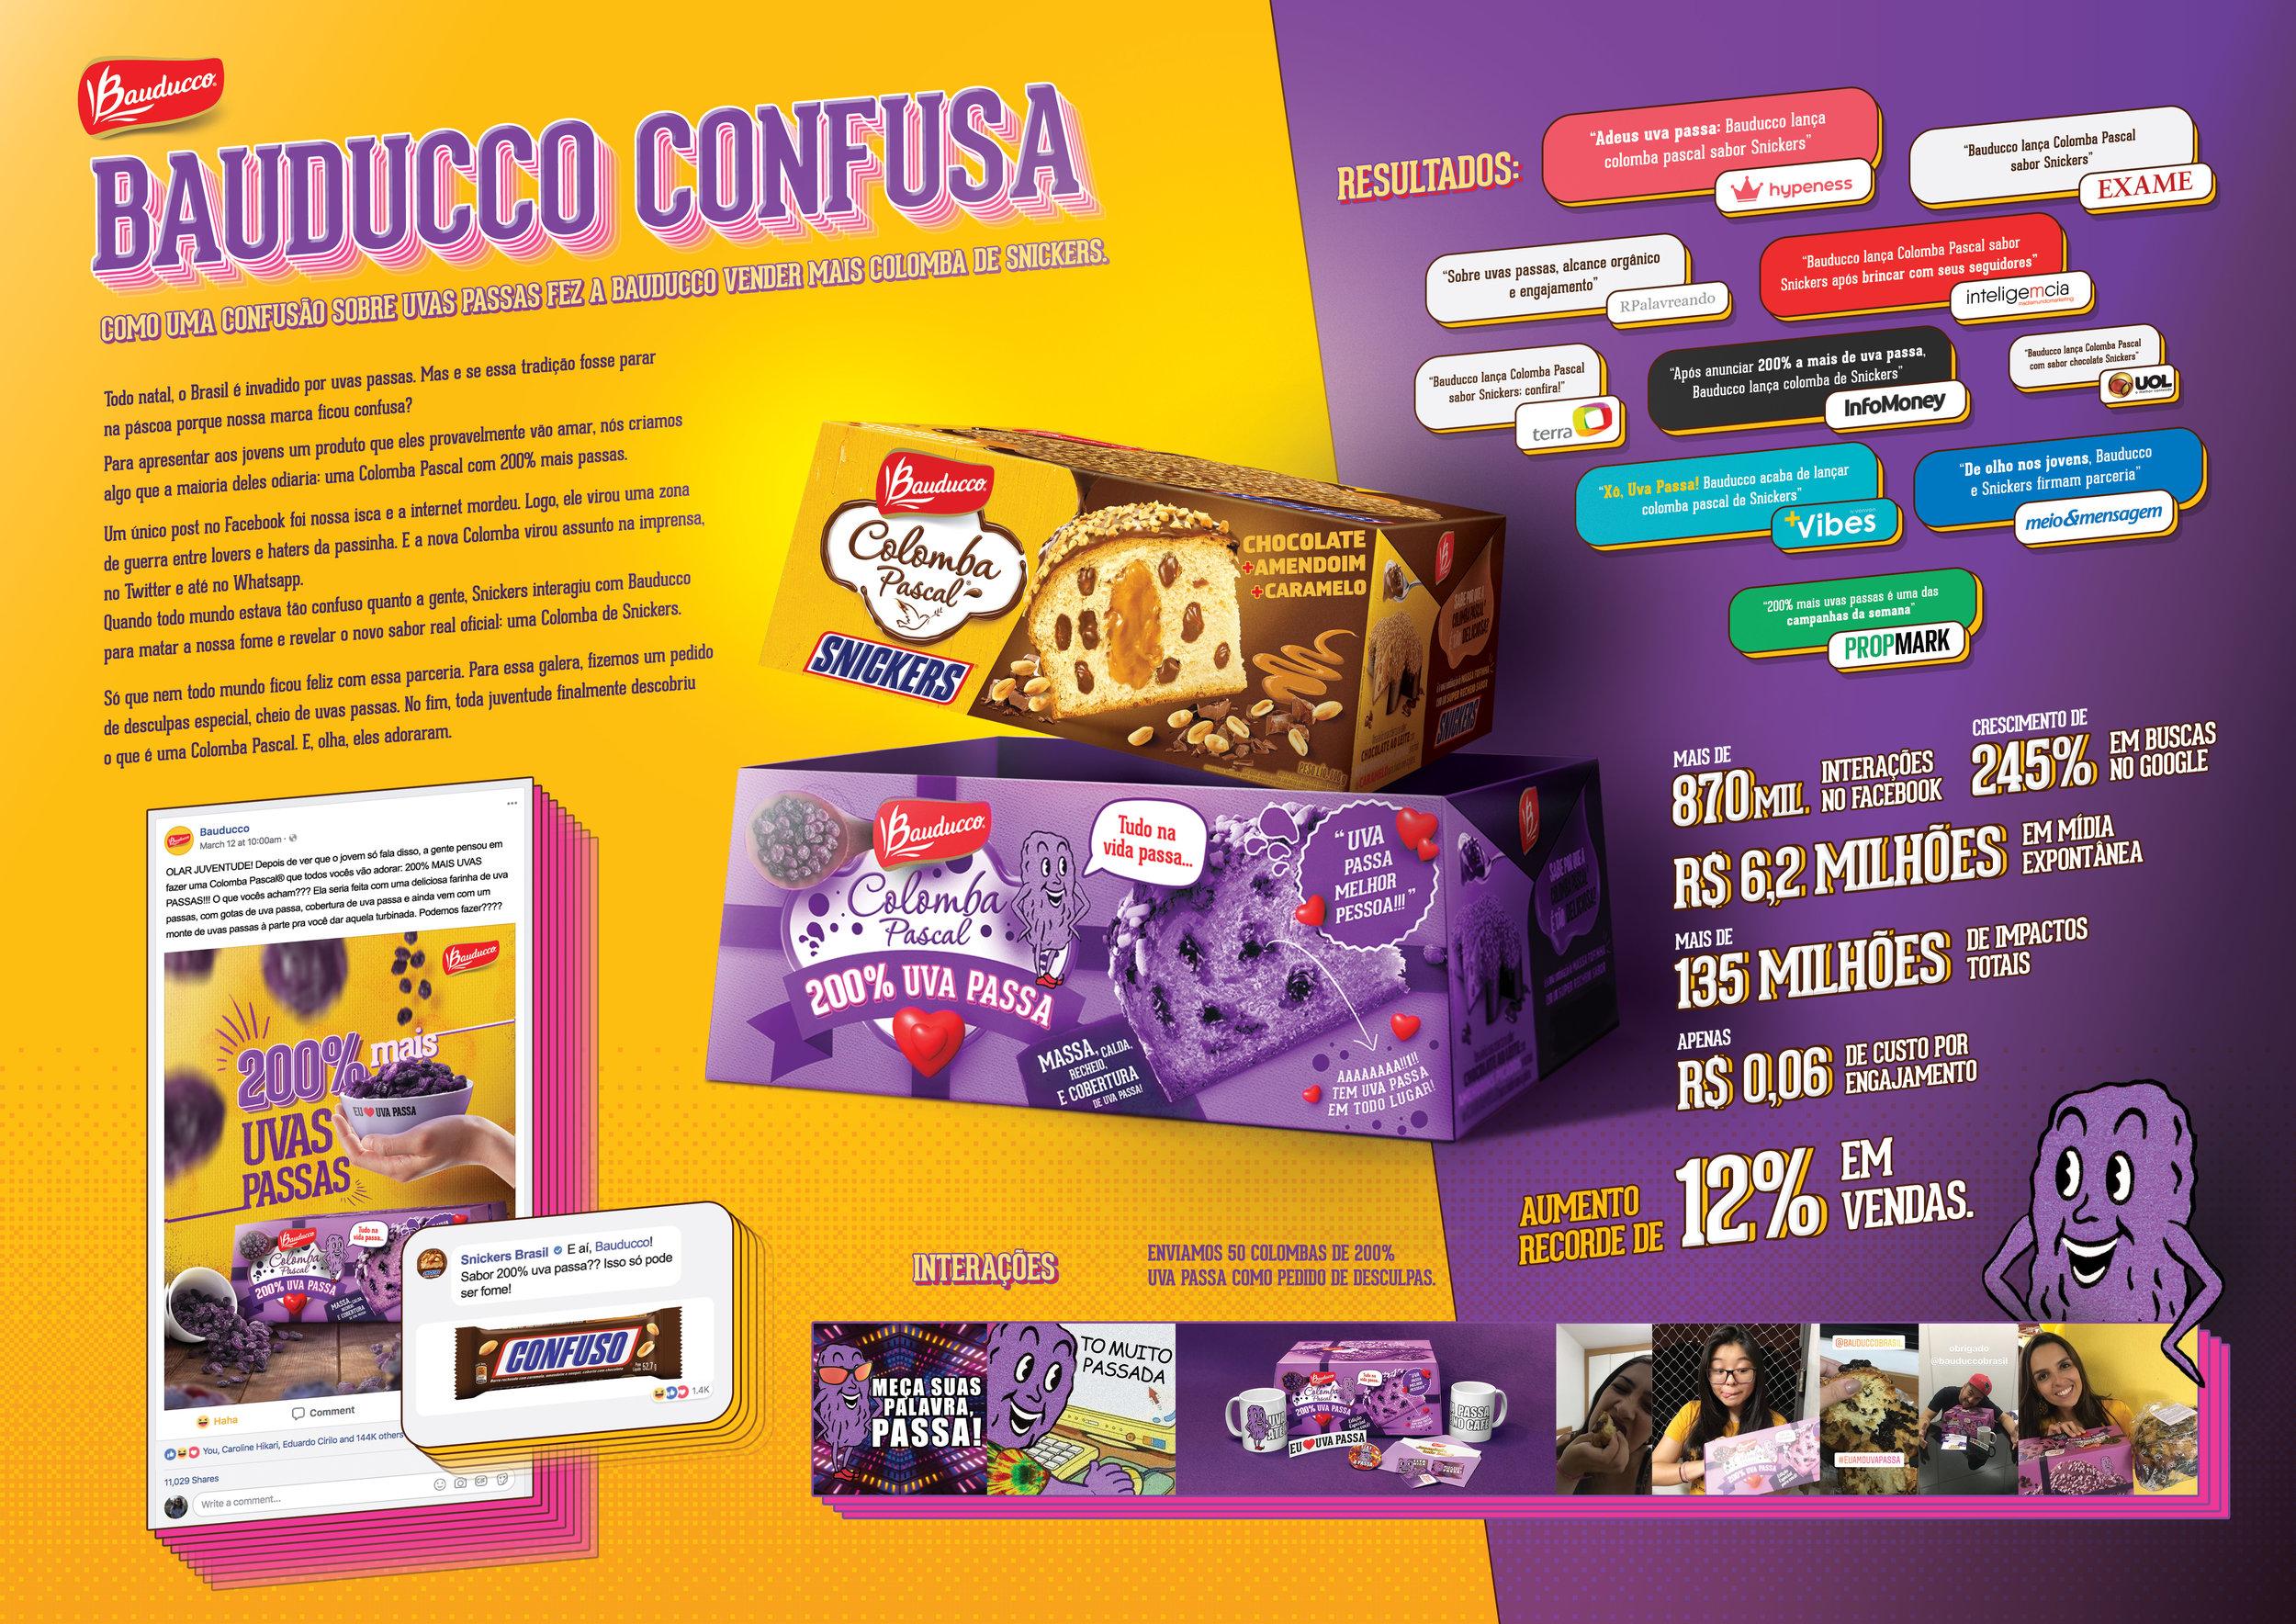 Bauducco - Páscoa 2018 - Colmba Snickers - Bauducco Confusa - pt.jpg